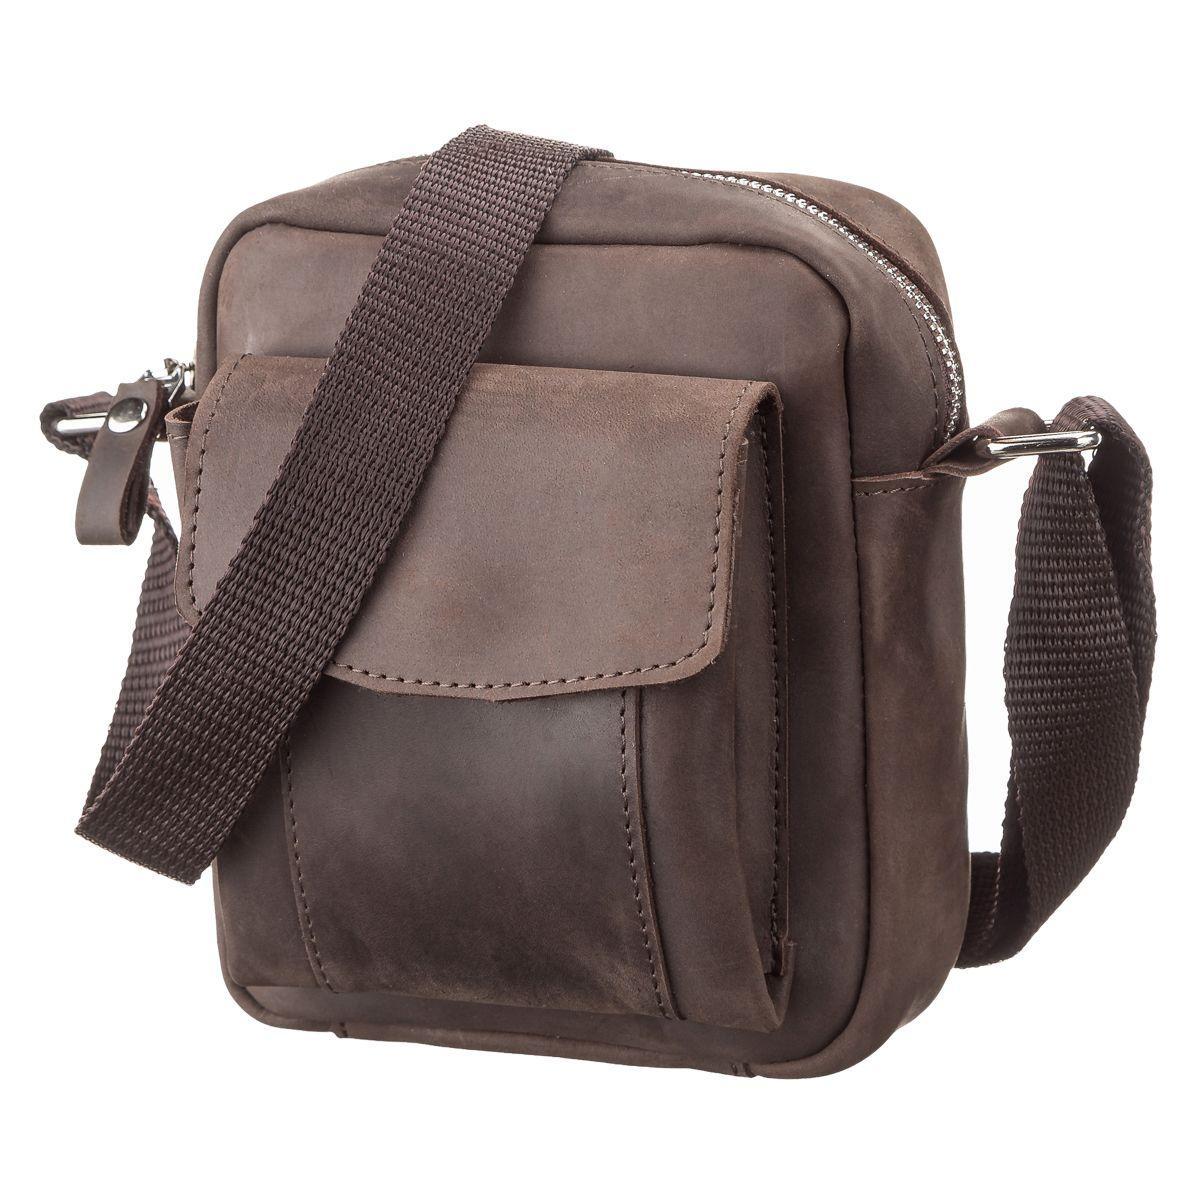 95f2321df974 Мужская сумка через плечо SHVIGEL 11077 из винтажной кожи Коричневая (Натуральная  кожа) - Онлайн